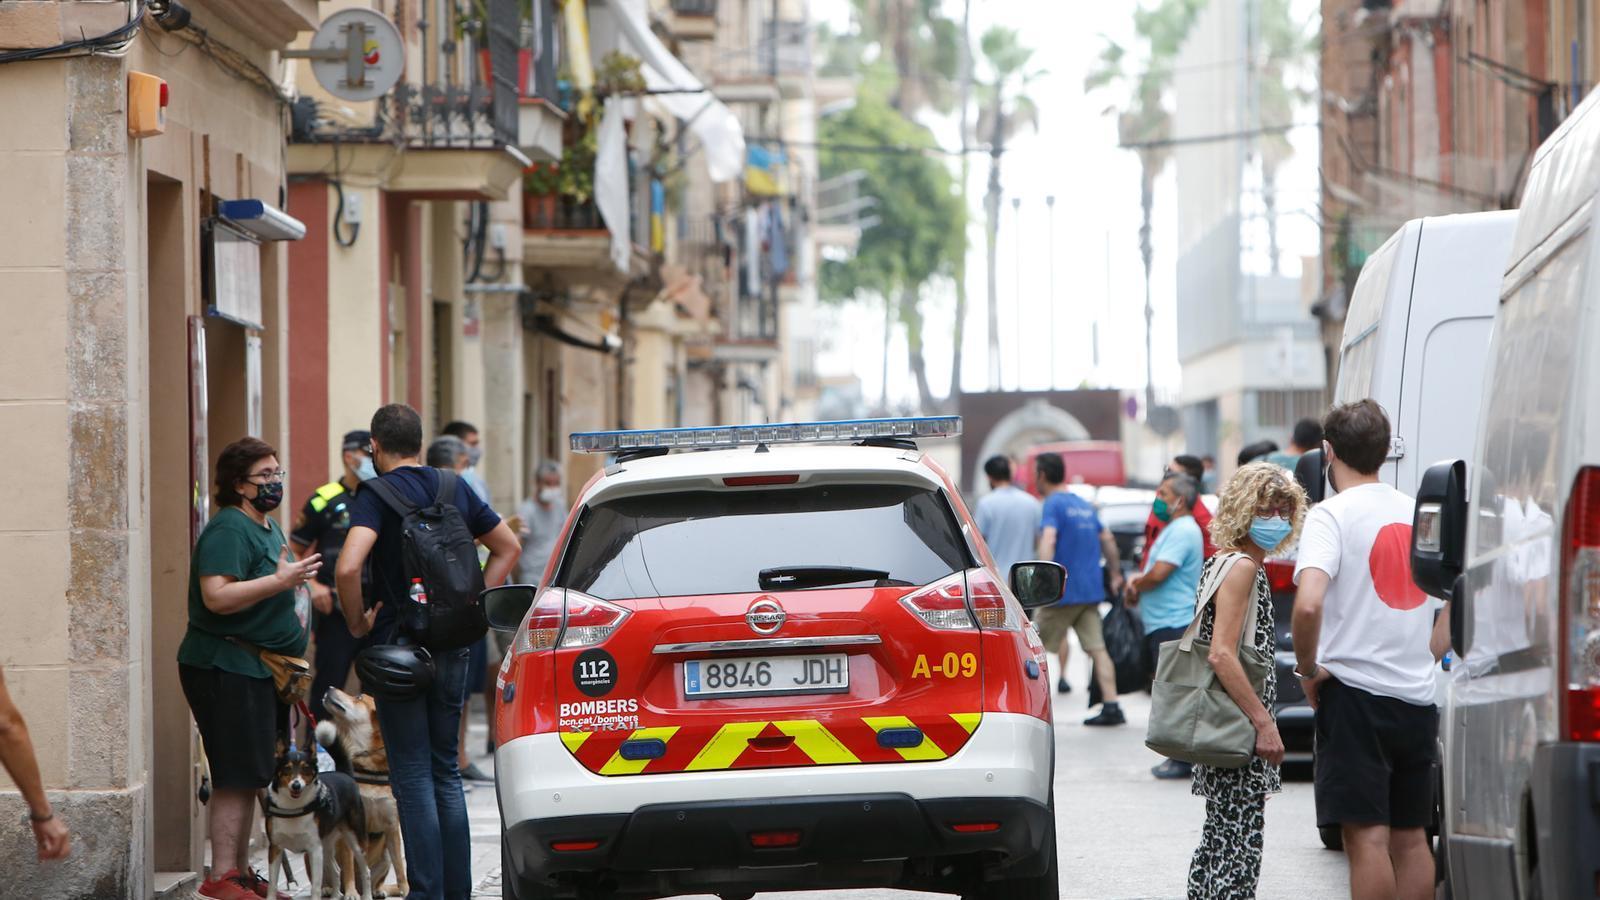 L'incendi s'ha produït poc abans de les sis de la matinada en uns baixos del carrer Grau i Torres del barri de la Barceloneta